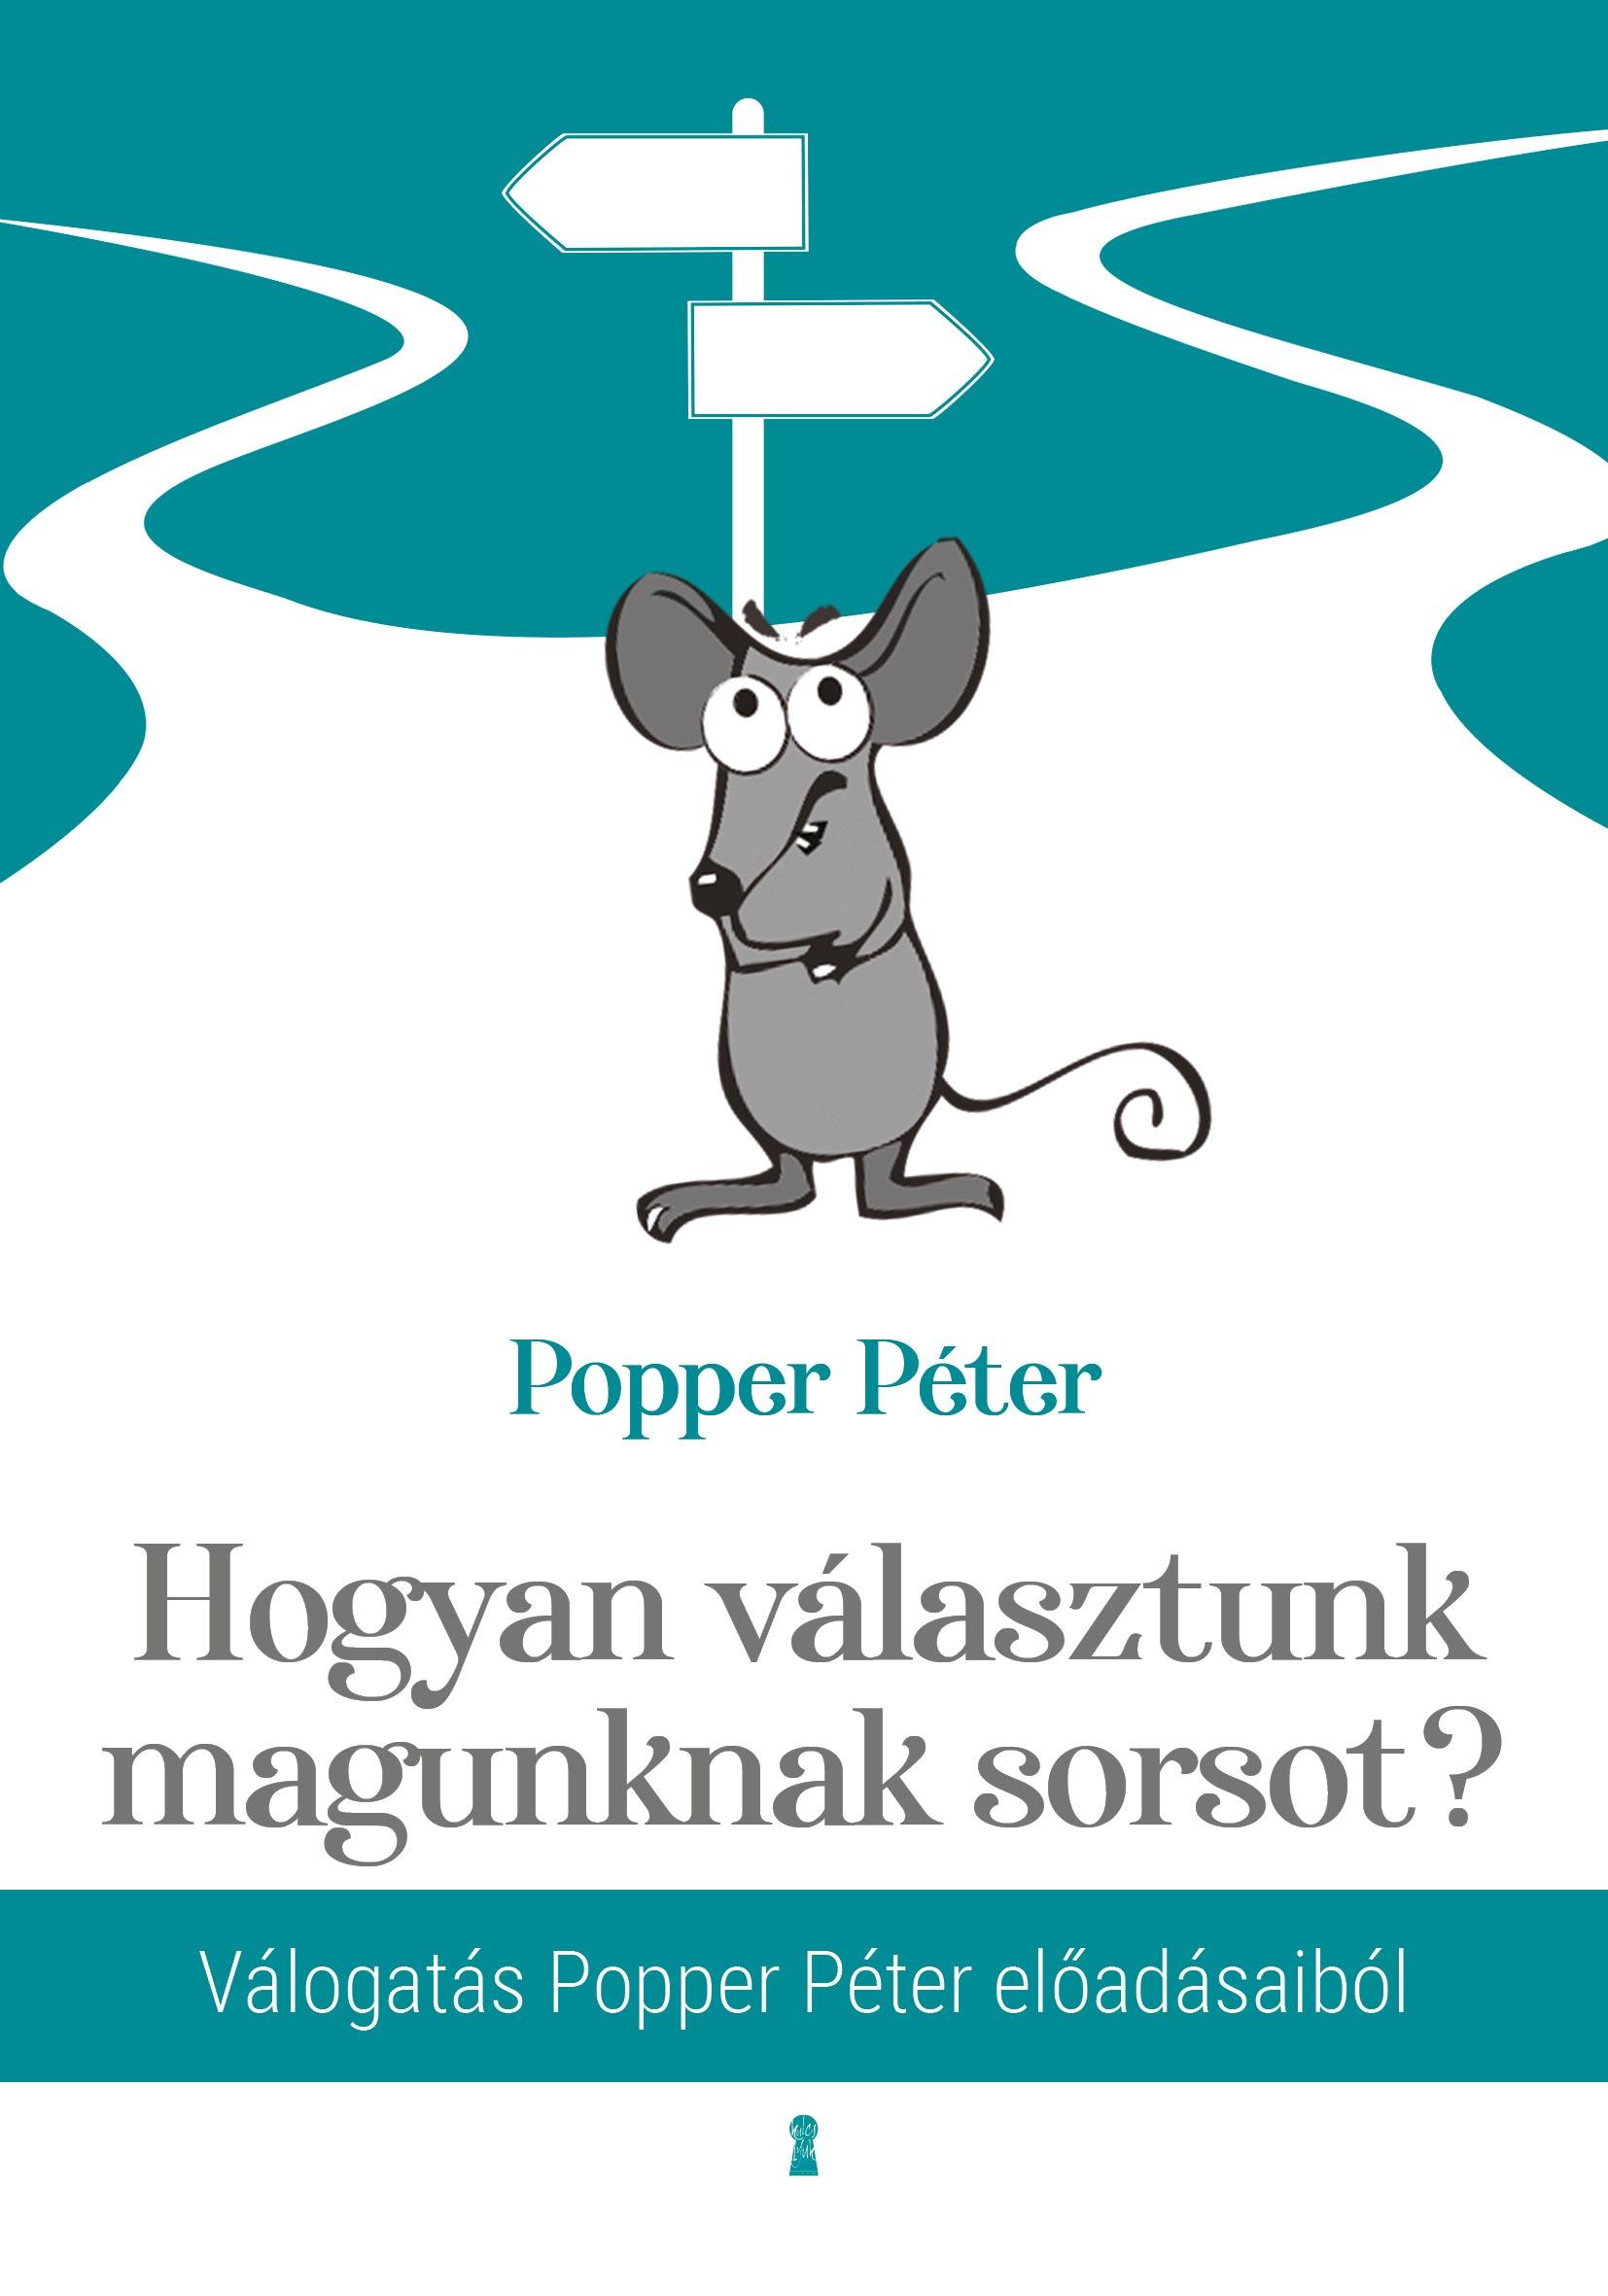 Popper Péter - Hogyan választunk magunknak sorsot?